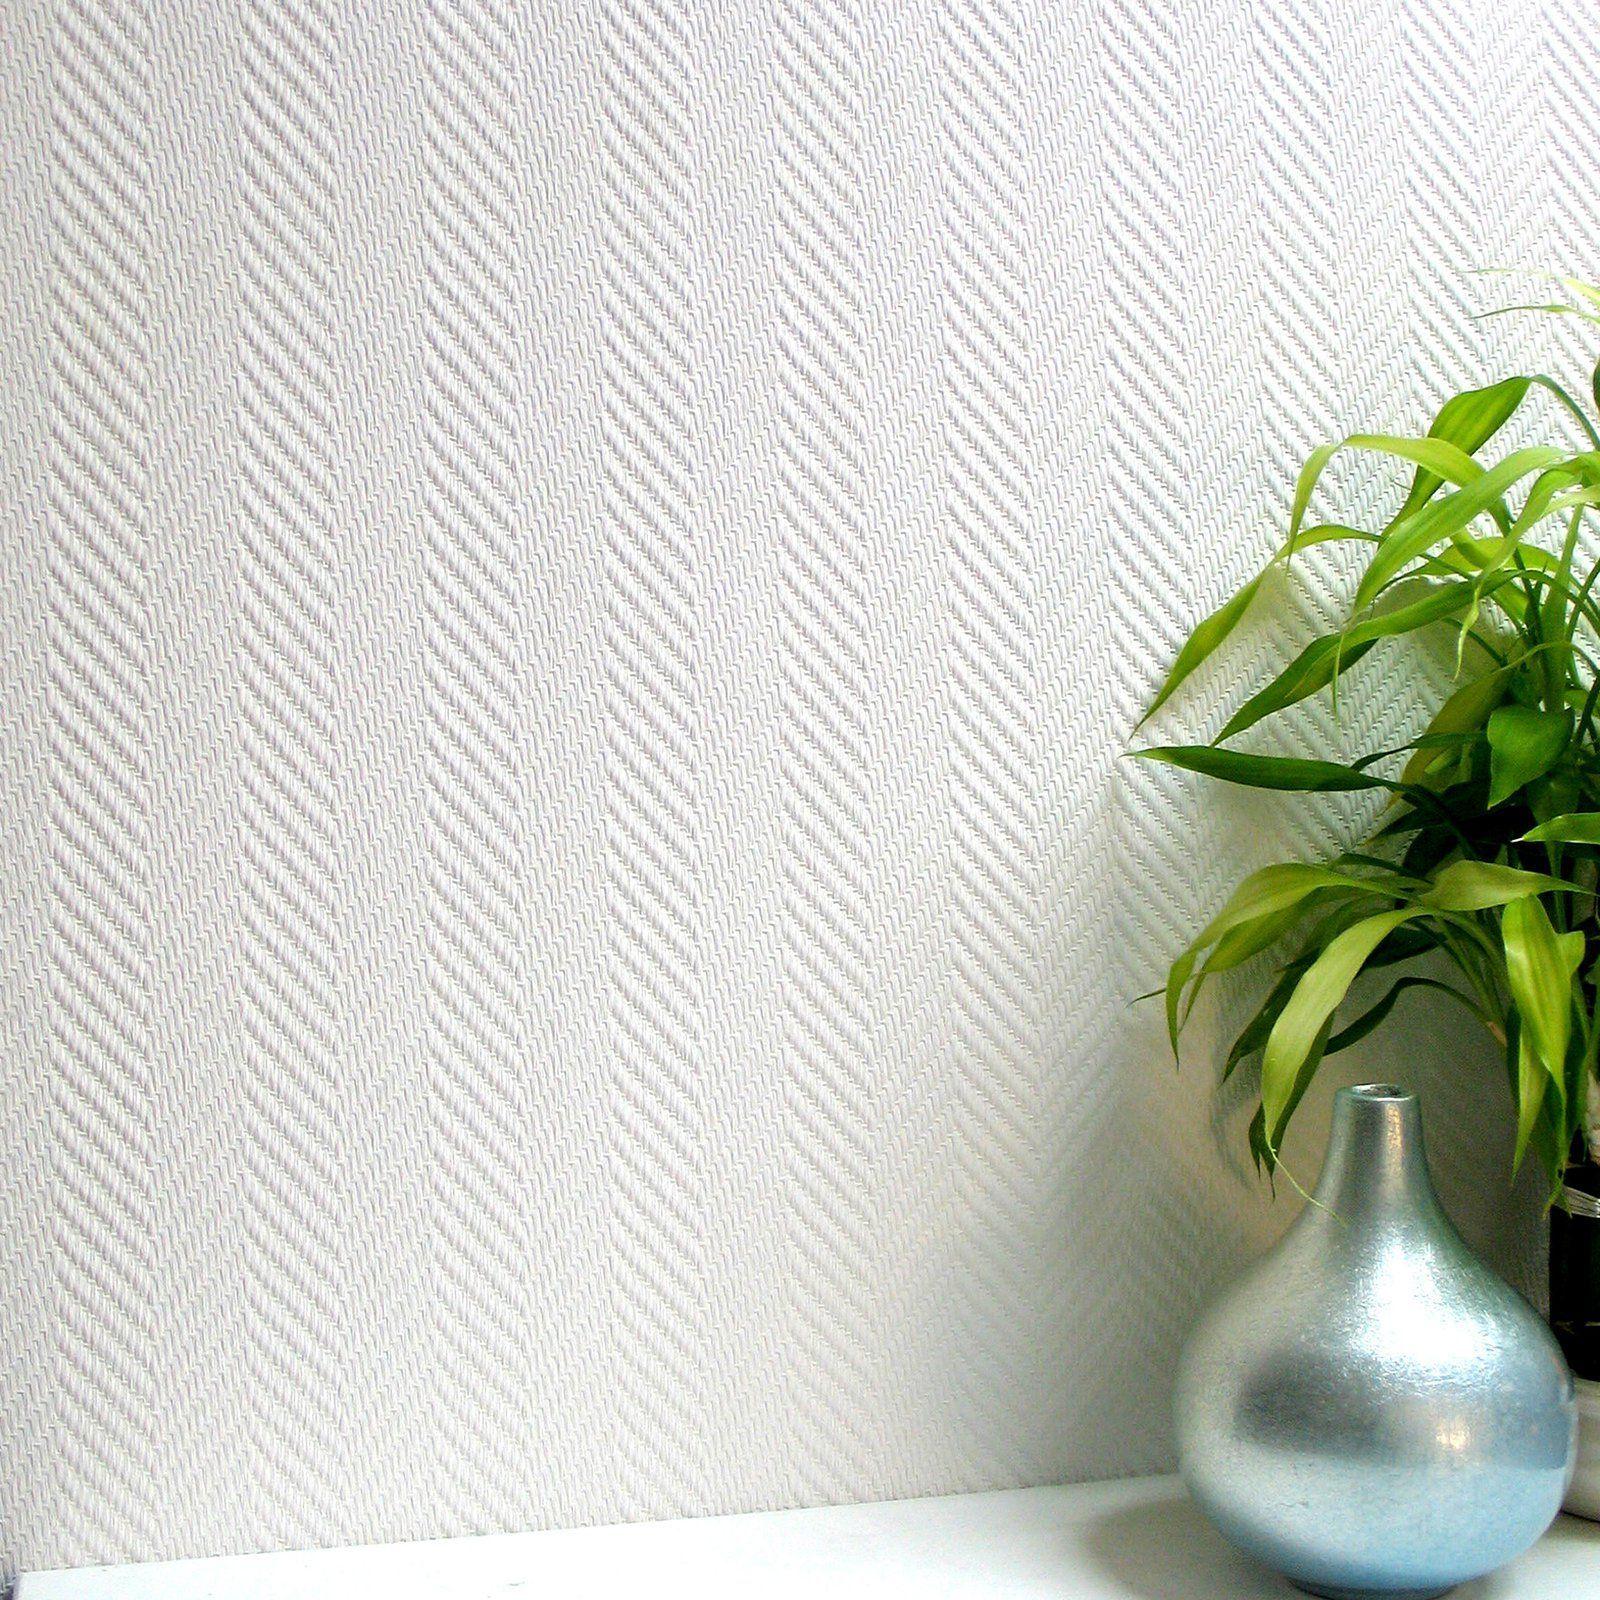 Brewster Herringbone Paintable Anaglypta Pro Wallpaper Herringbone Wallpaper Anaglypta Wallpaper Paintable Wallpaper